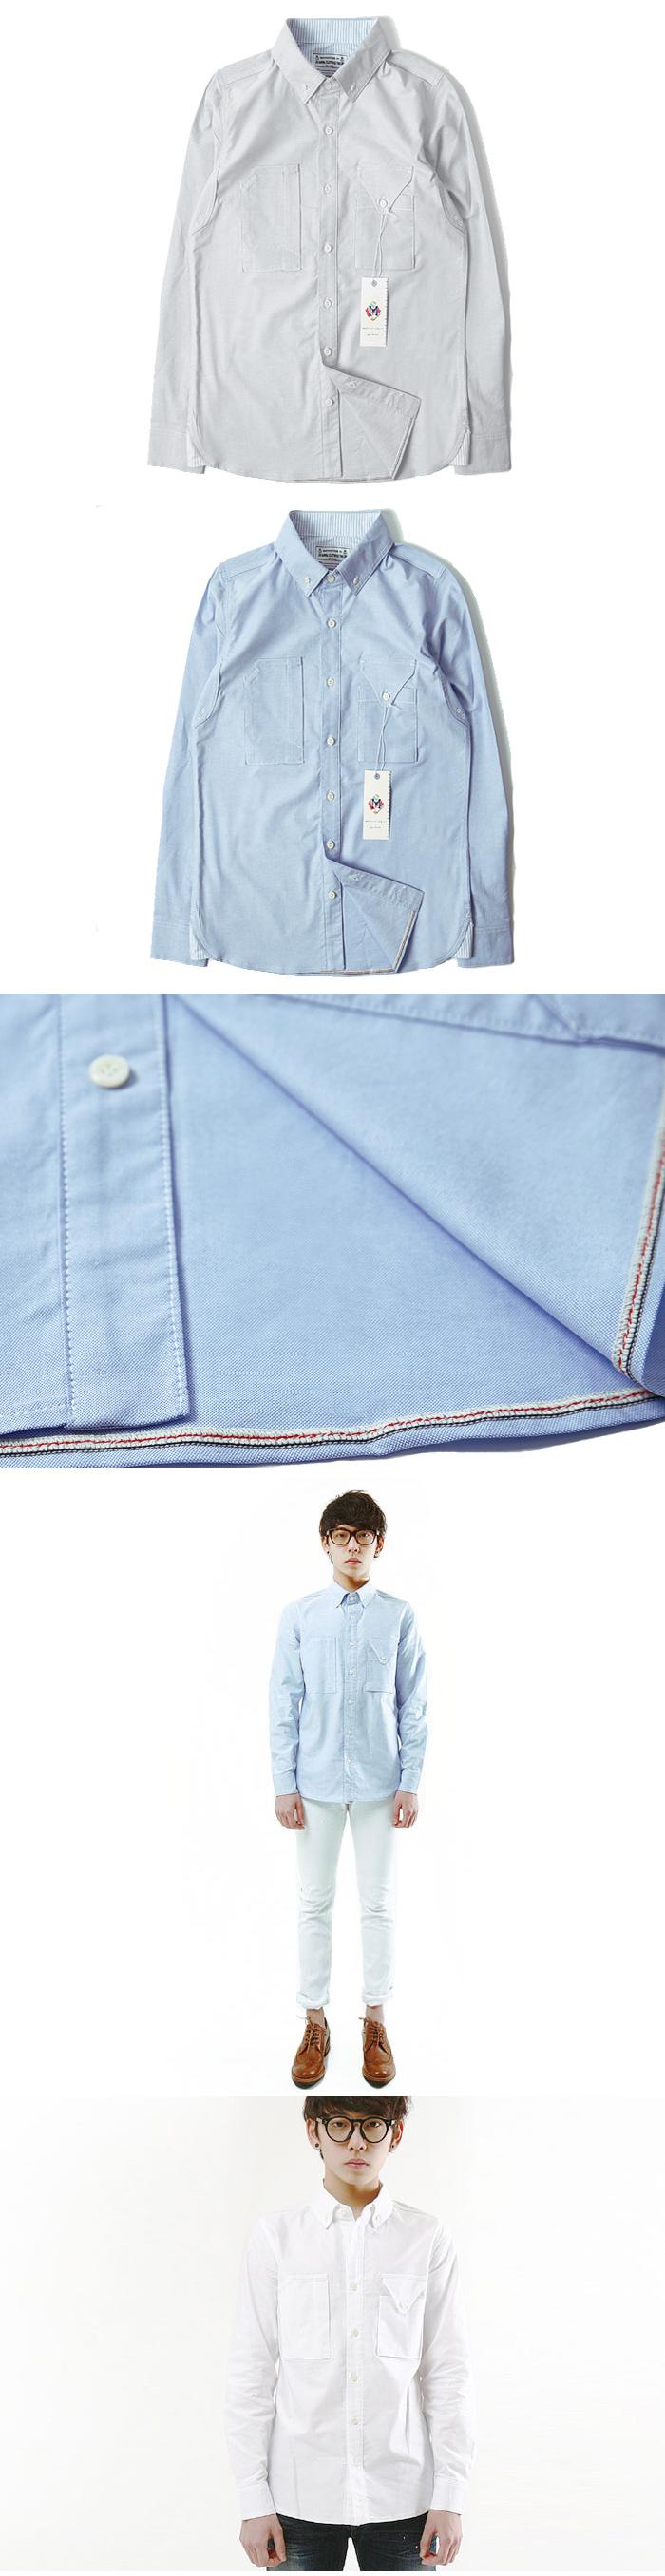 [모디파이드] 쟈켓 / 옥스퍼드 셔츠 / 워싱진 발매 안내